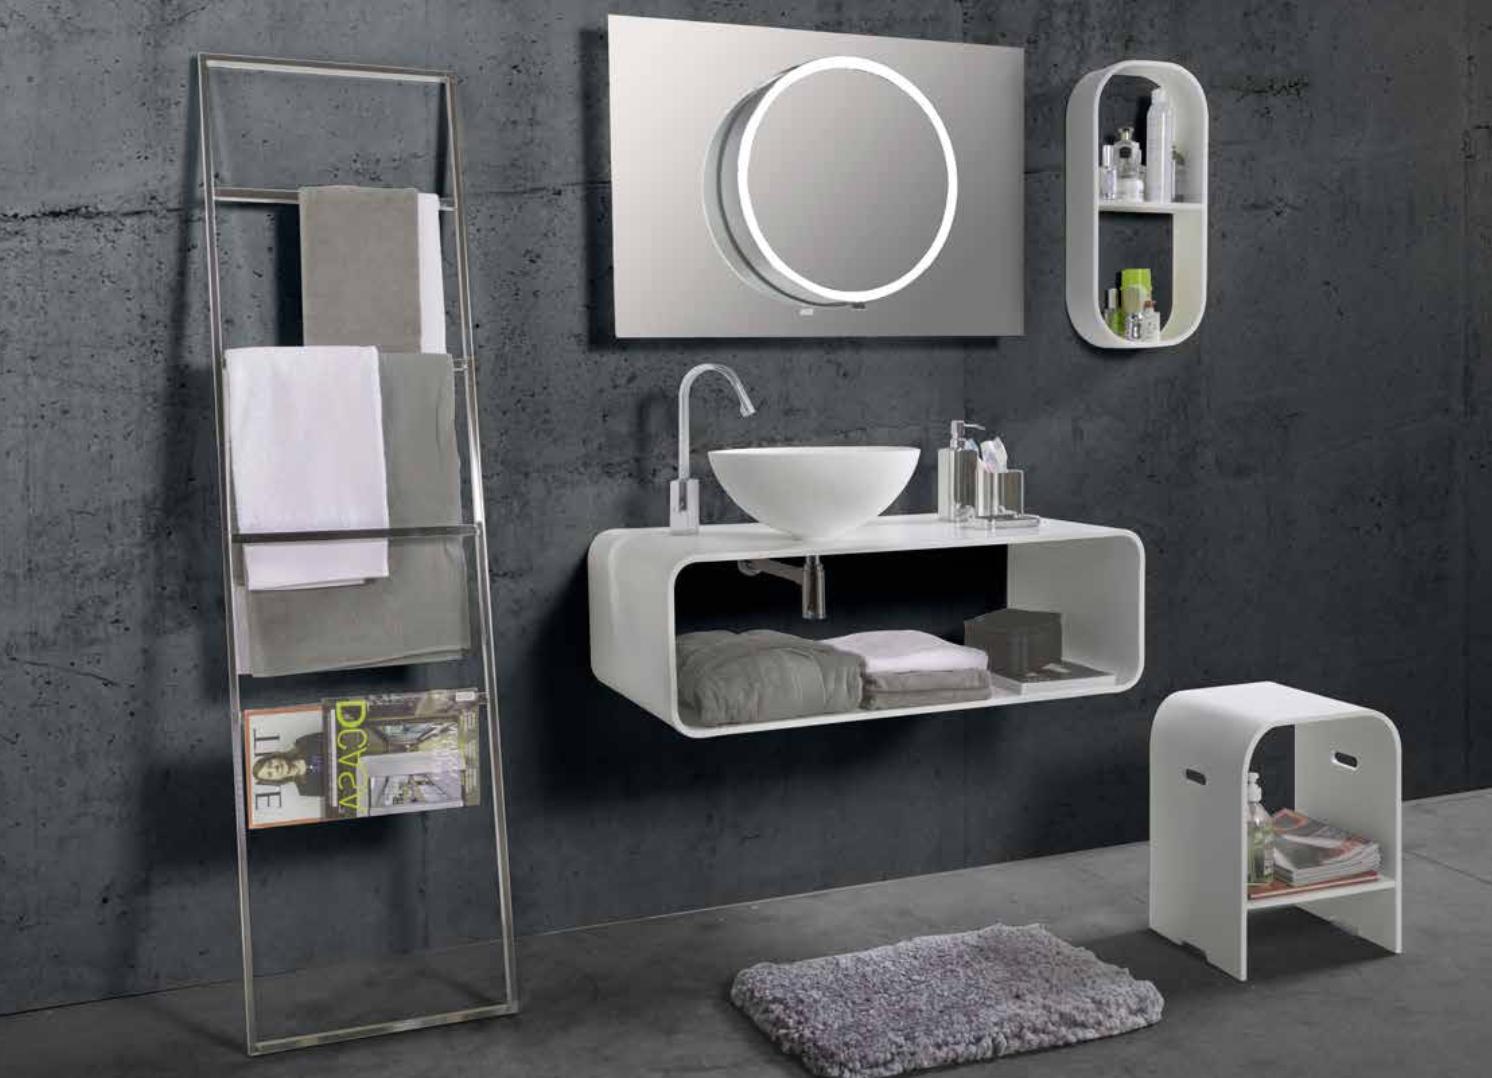 Miroir Rond Salle De Bain Ikea ~ salle de bain miroir rond amazing meuble salle de bain avec miroir